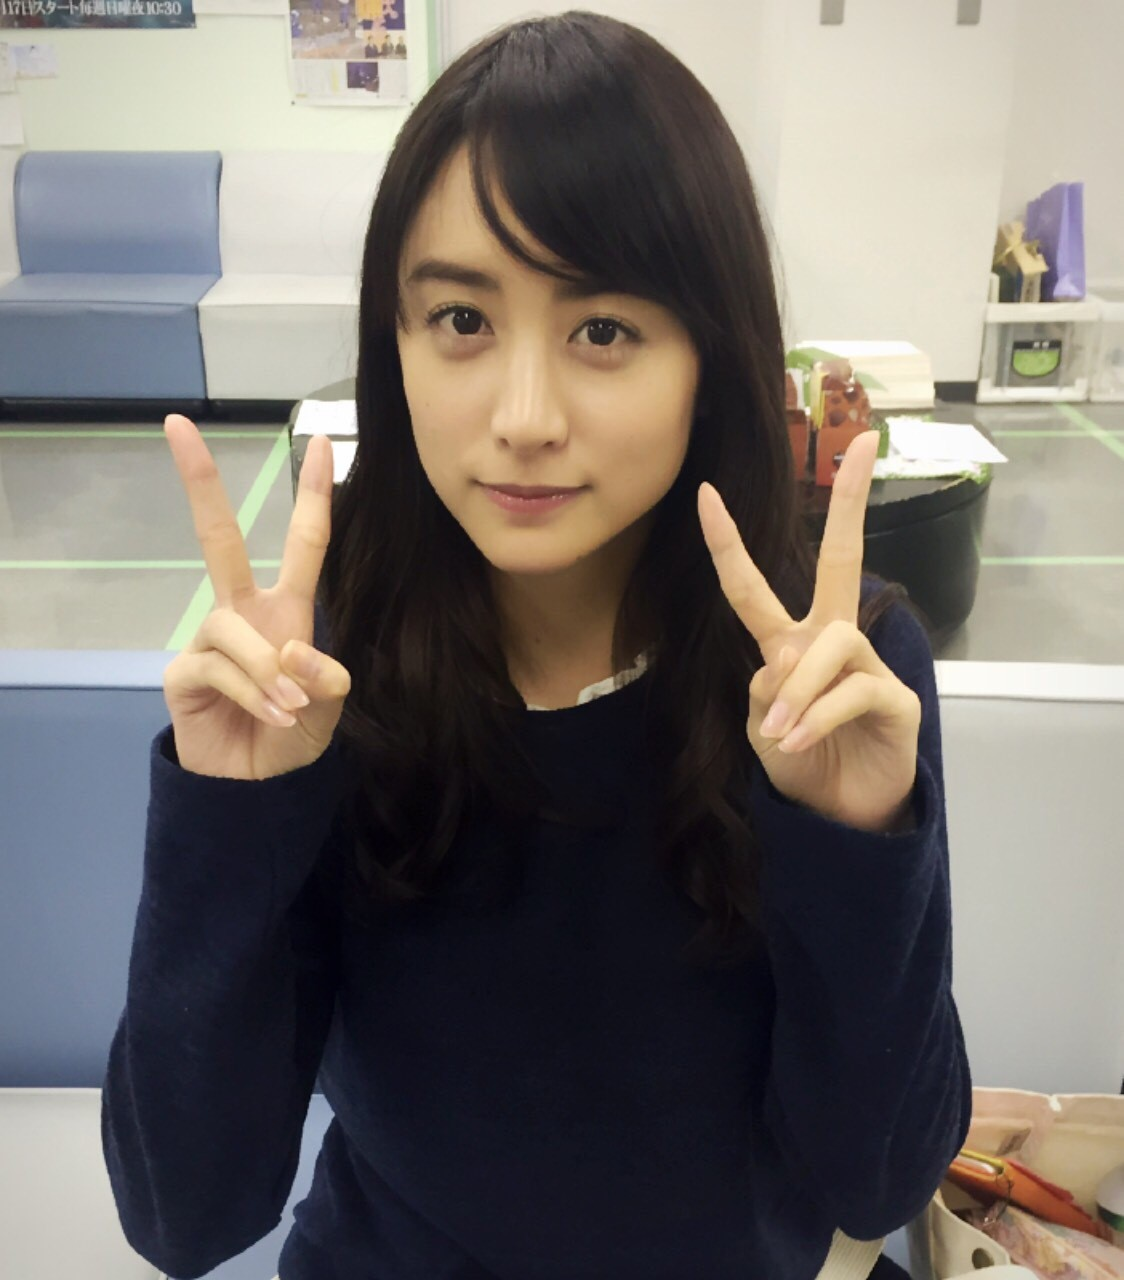 山本美月ちゃん(24)とかいう女優wwwwww